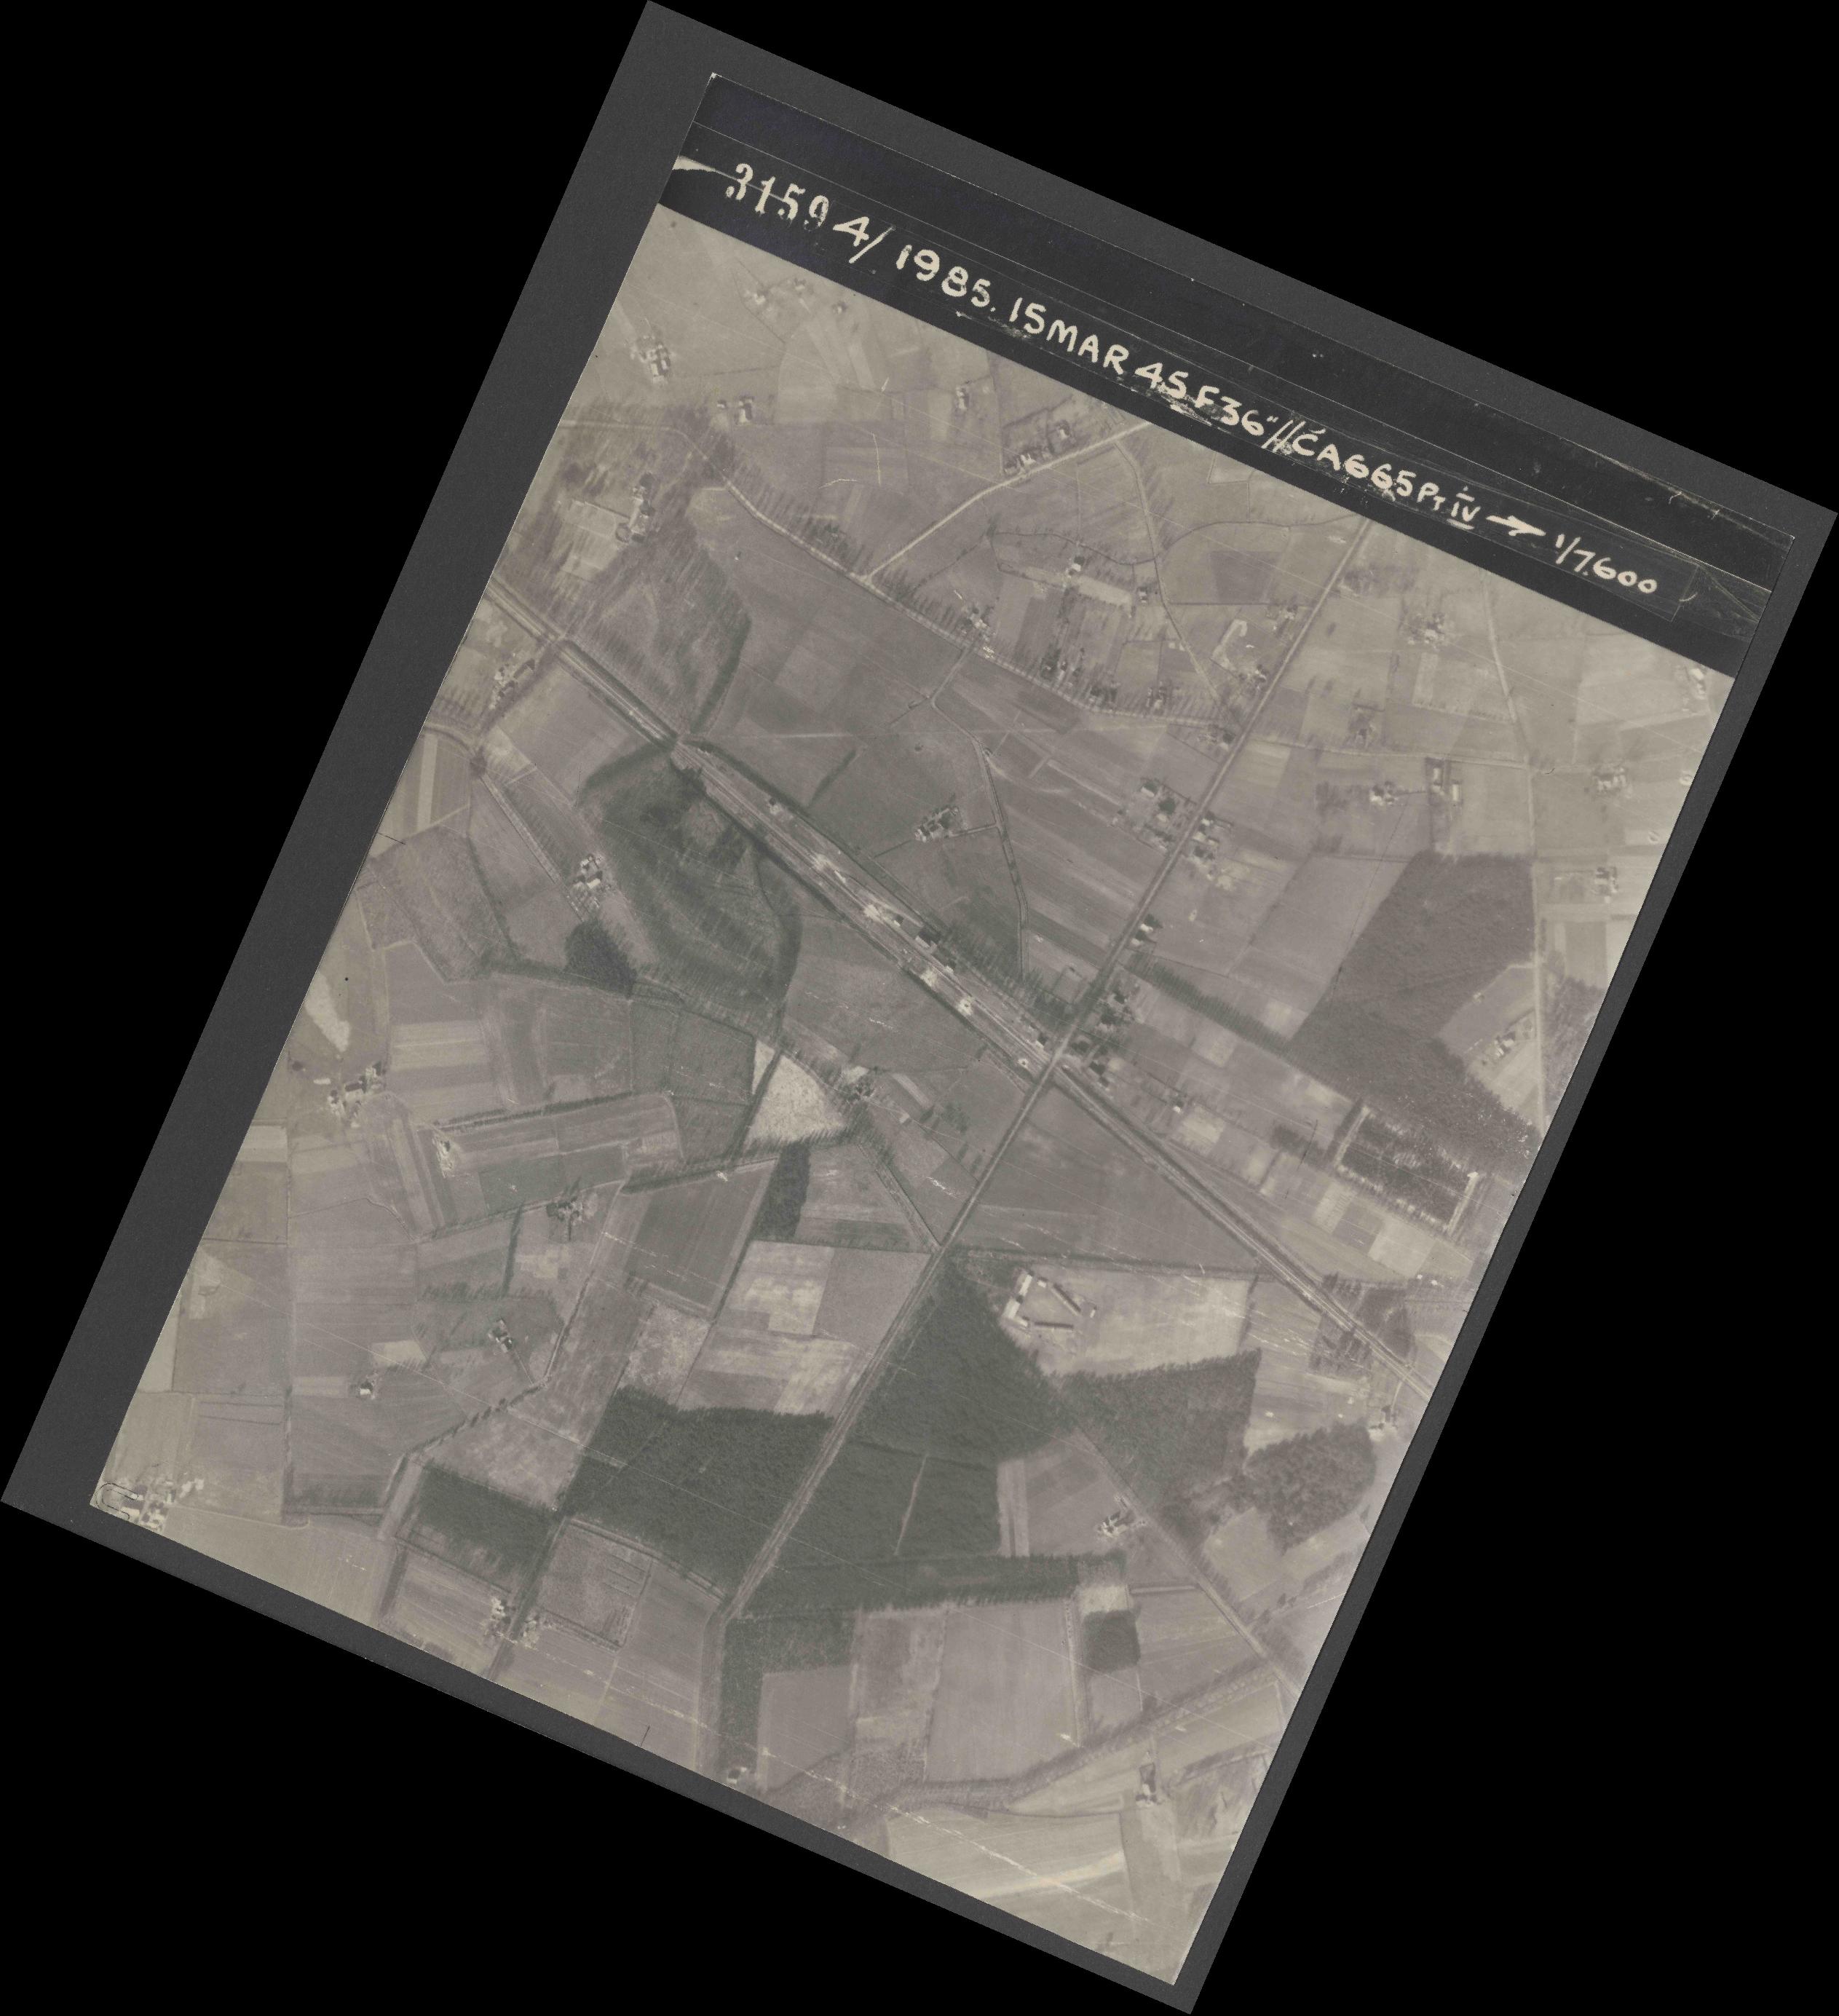 Collection RAF aerial photos 1940-1945 - flight 059, run 04, photo 3159